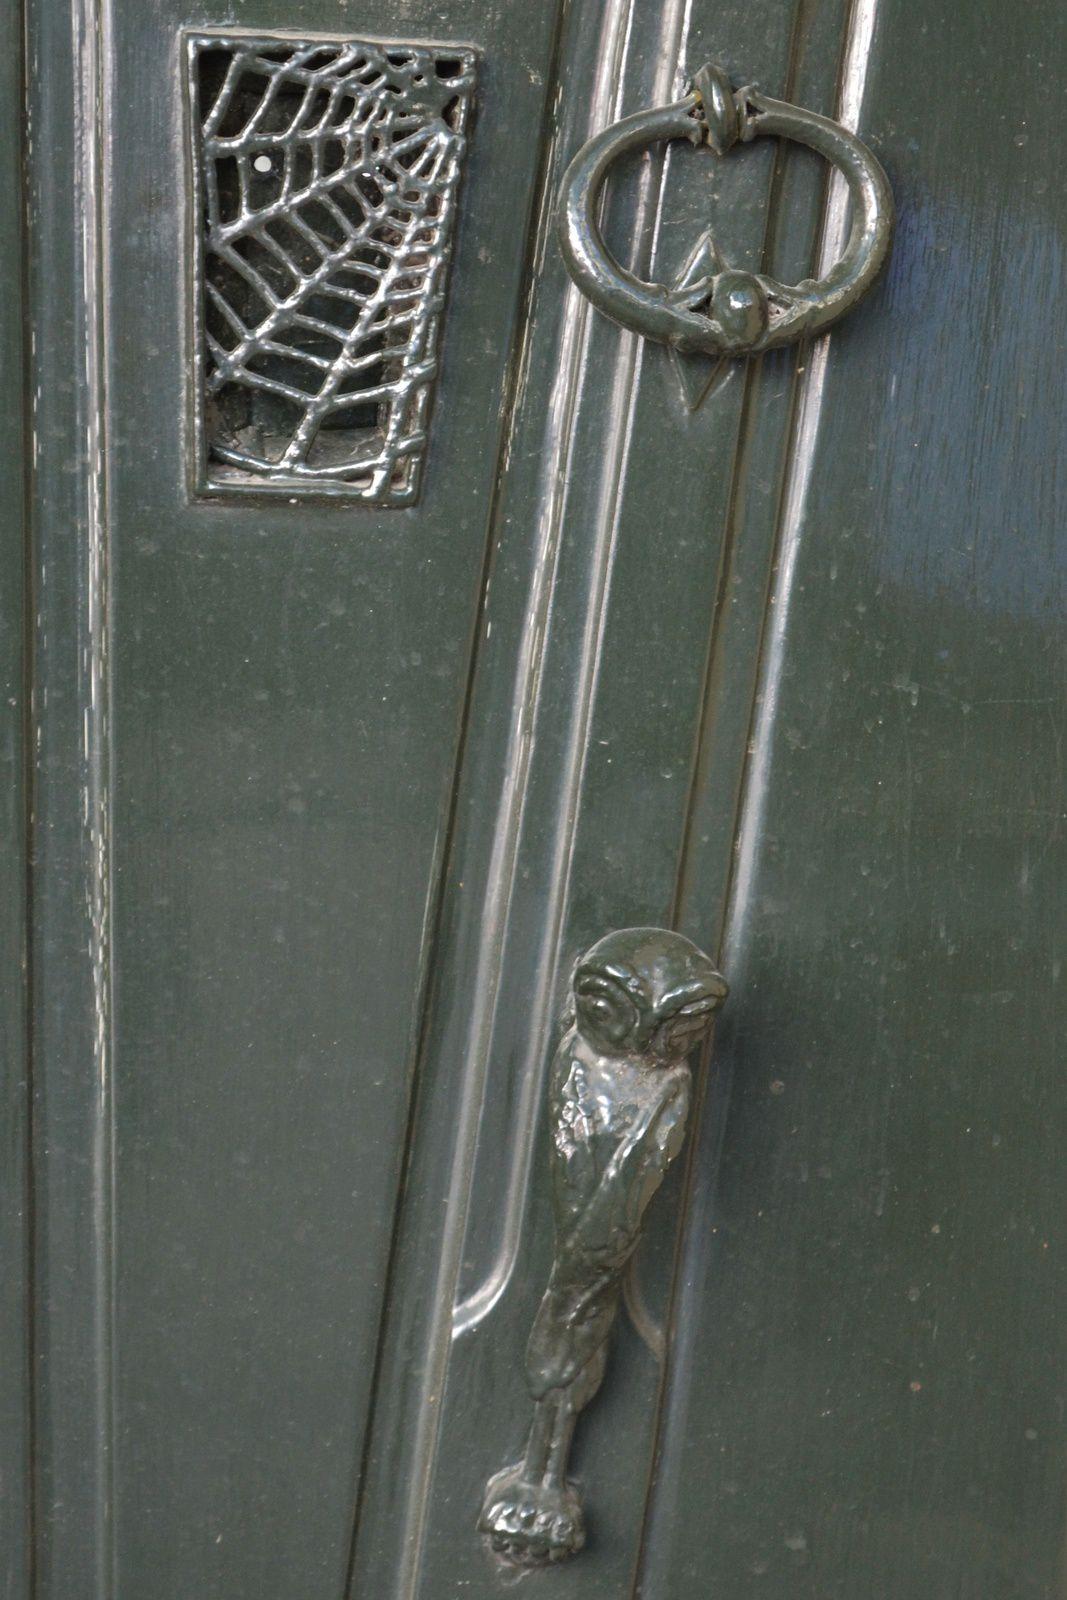 C'est la porte de la maison de l'horreur ou quoi?